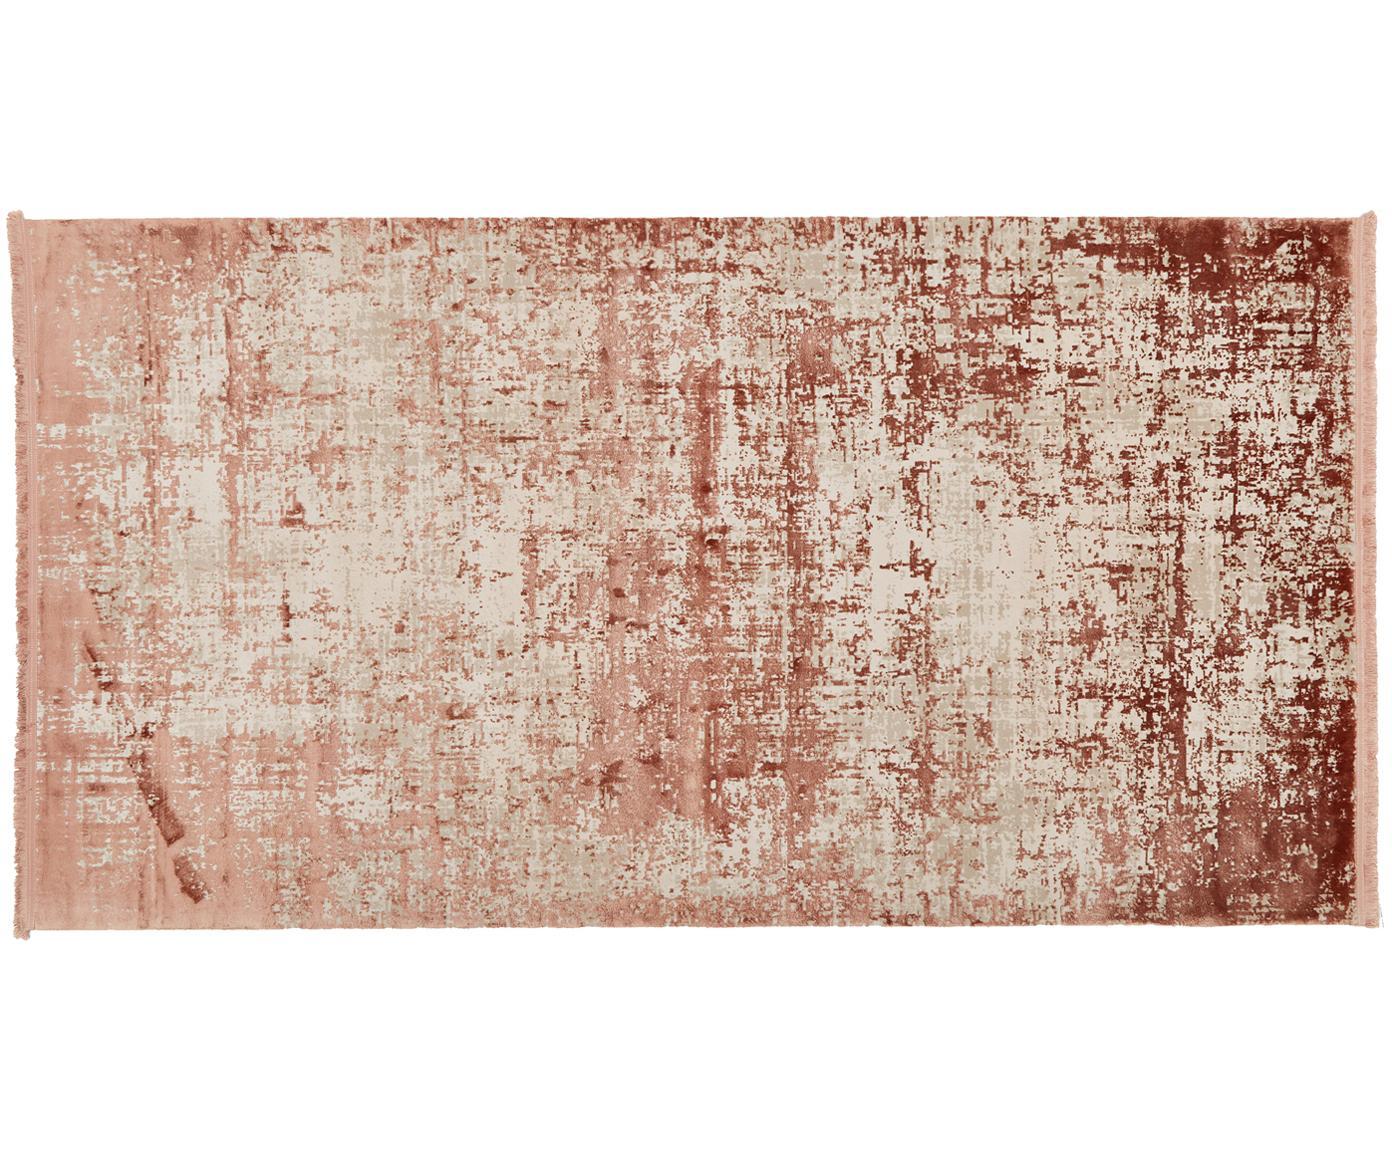 Vintage vloerkleed Cordoba met franjes, glinsterend, Bovenzijde: 70% acryl, 30% viscose, Onderzijde: katoen, Terracottakleurig, beige, B 80 x L 150 cm (maat XS)